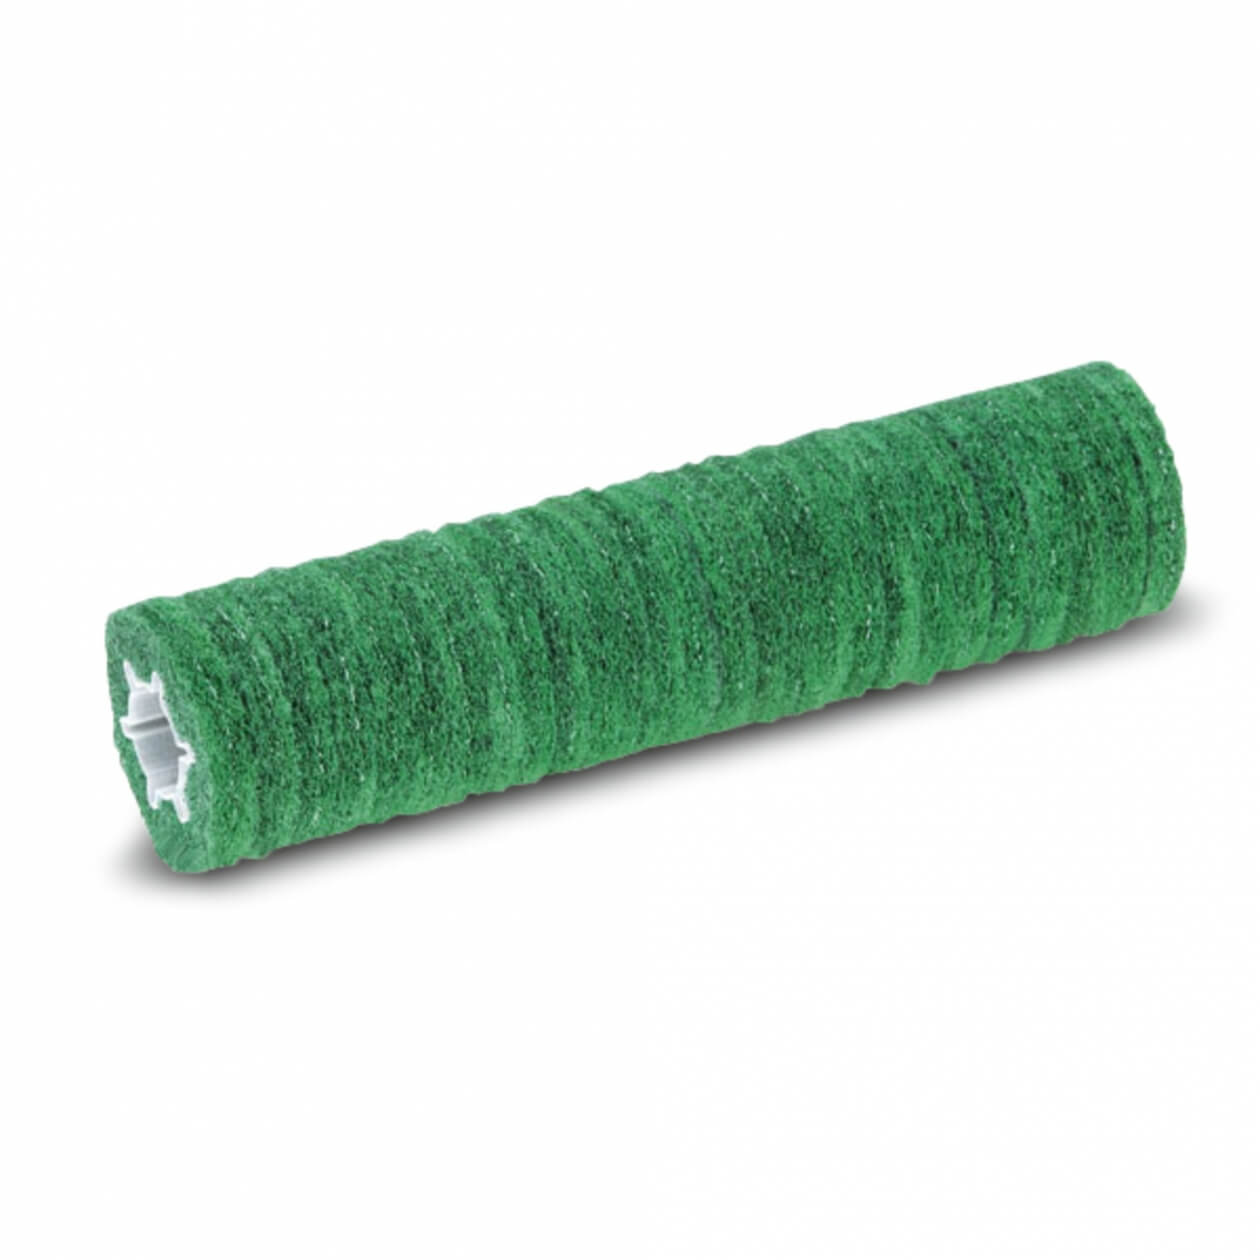 Kärcher, valsepad, hård, grøn, 400/96mm